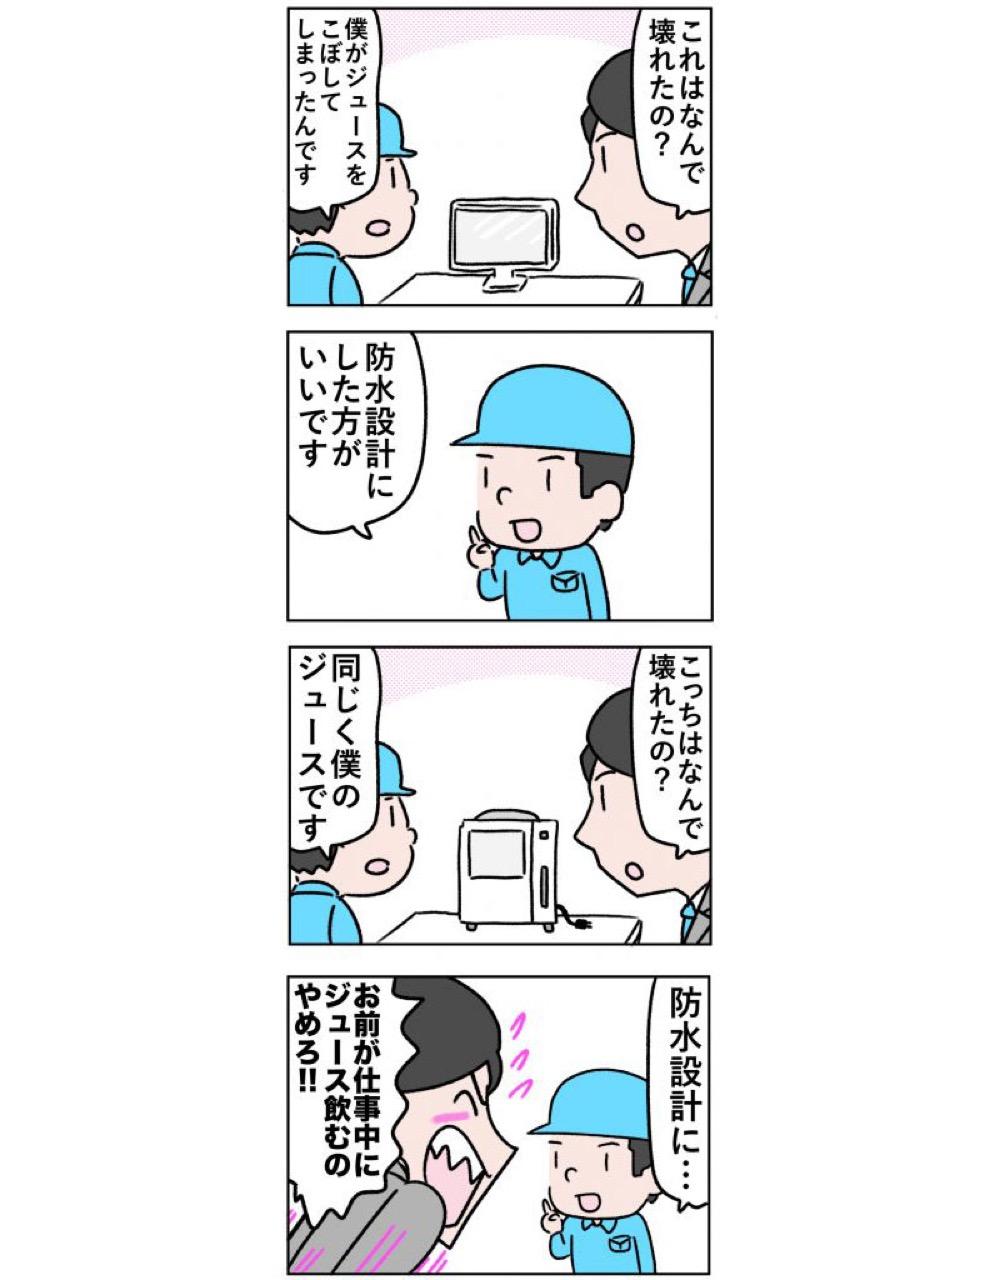 柿内_KJ法8